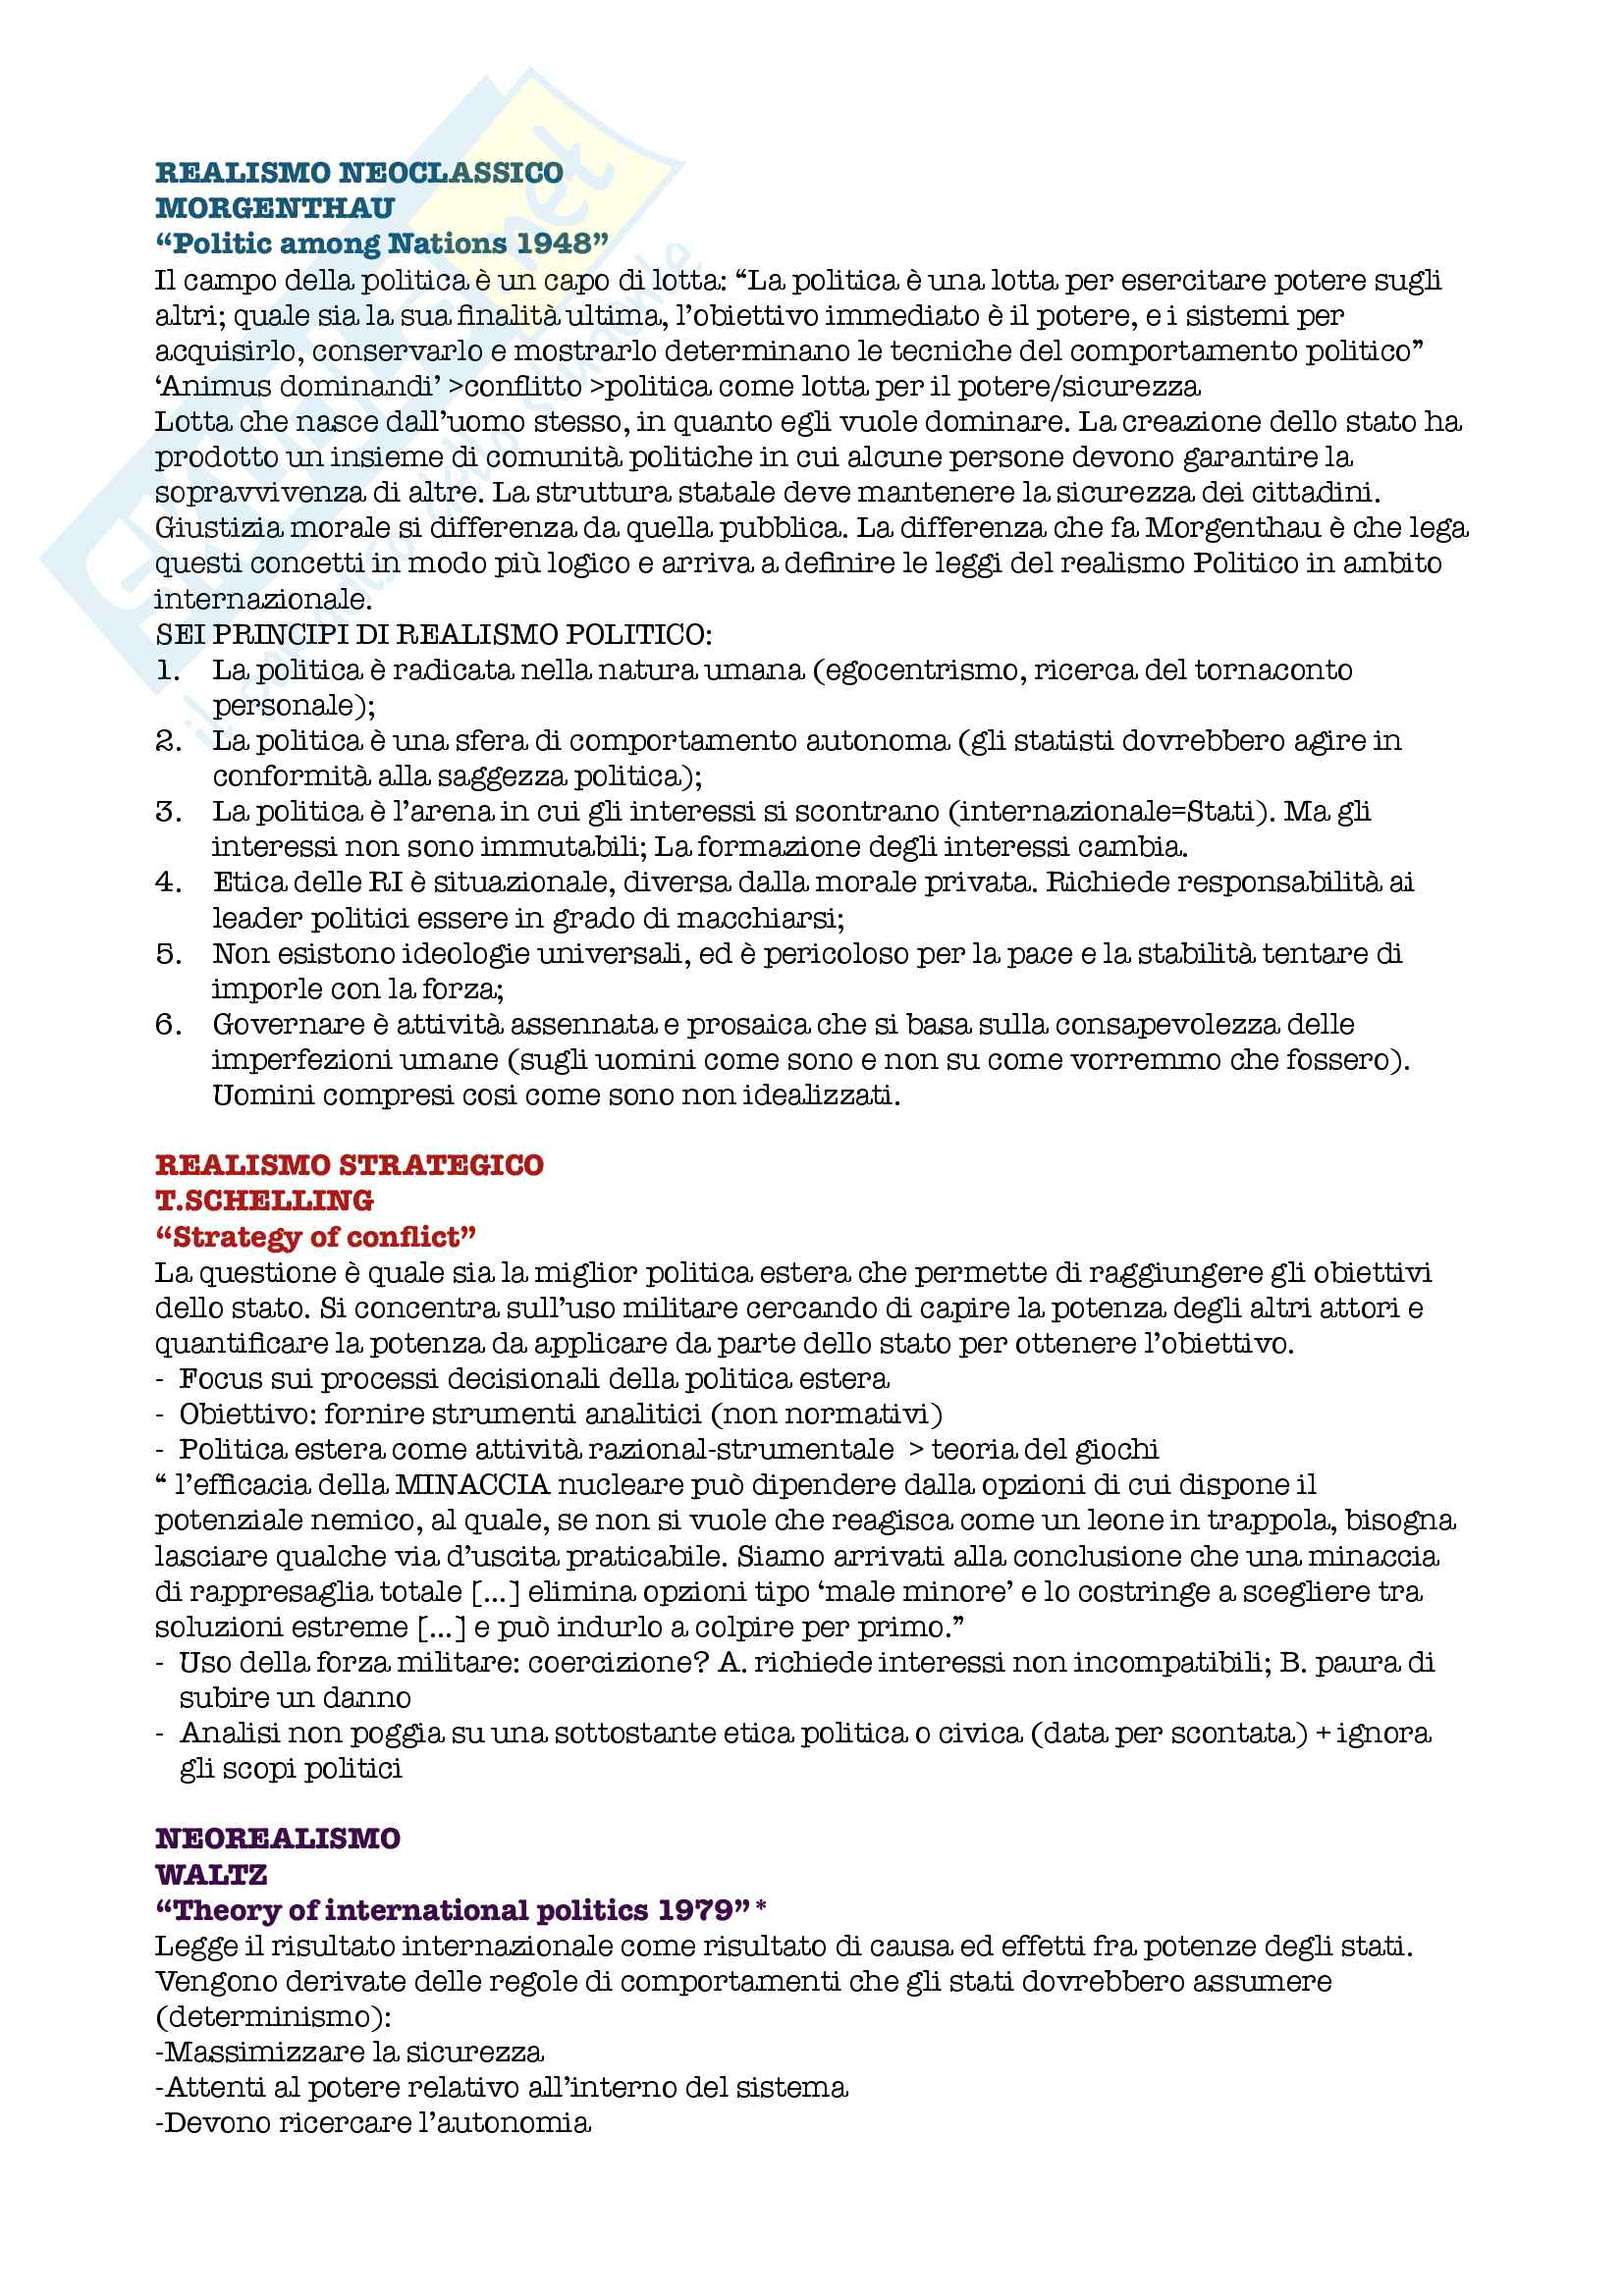 Relazioni internazionali Pag. 41